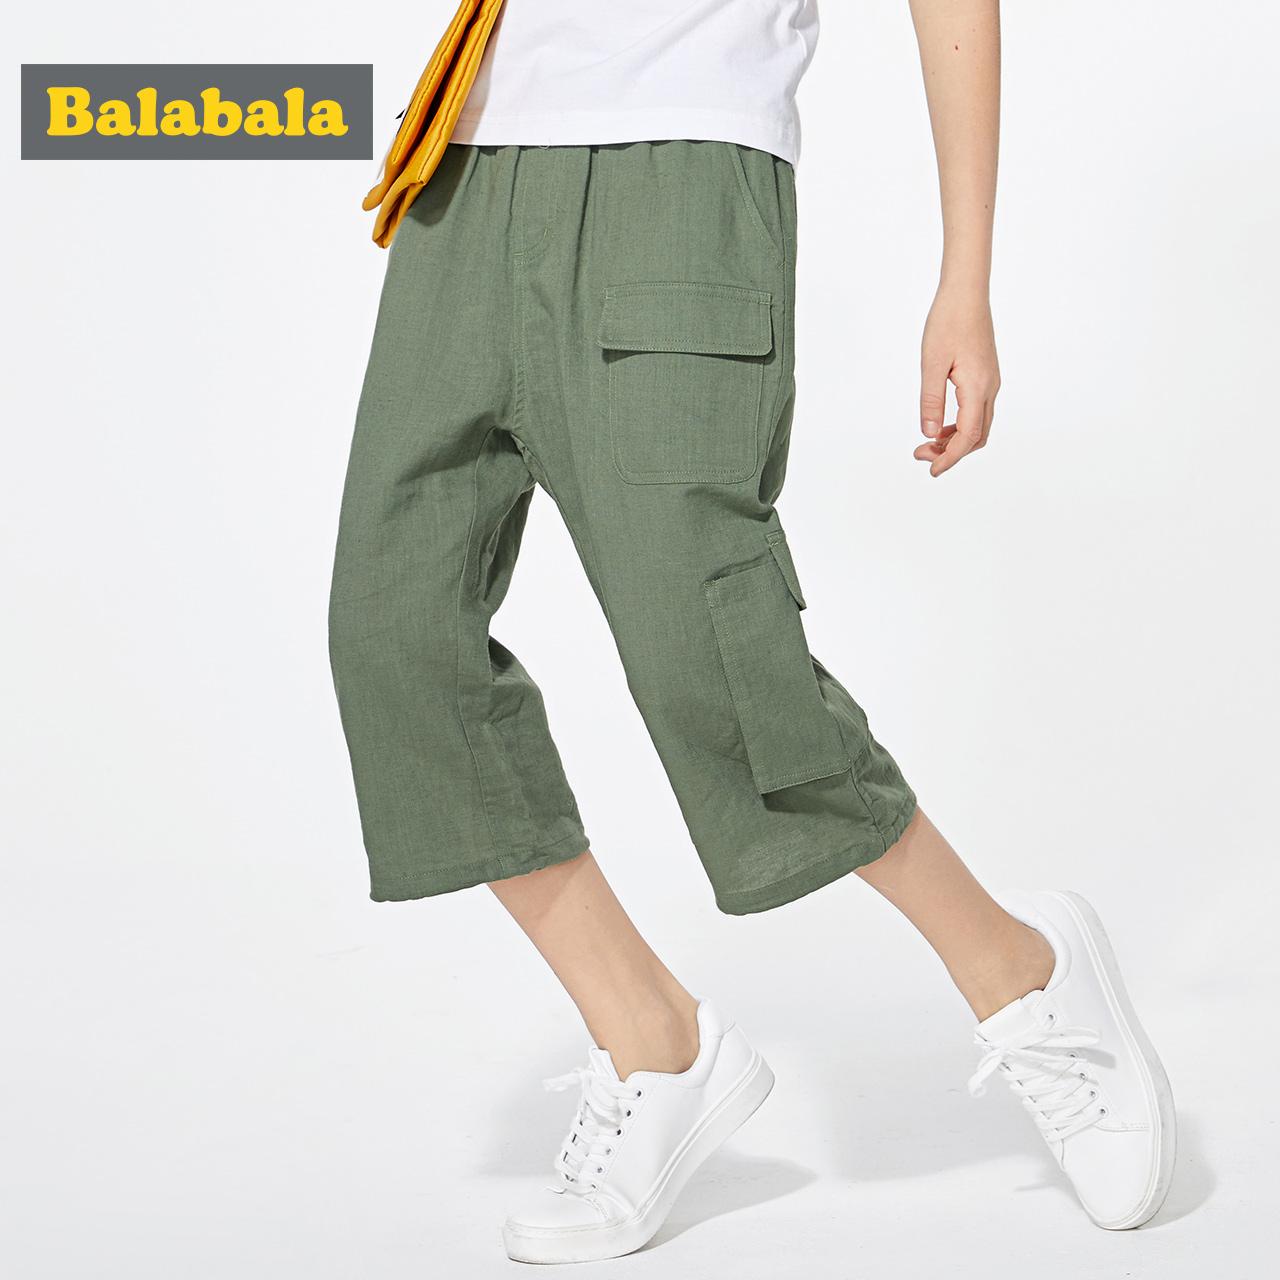 巴拉巴拉 中大男童 棉麻工装七分裤 淘宝优惠券折后¥59.9包邮(¥159.9-100)140~165码3色可选